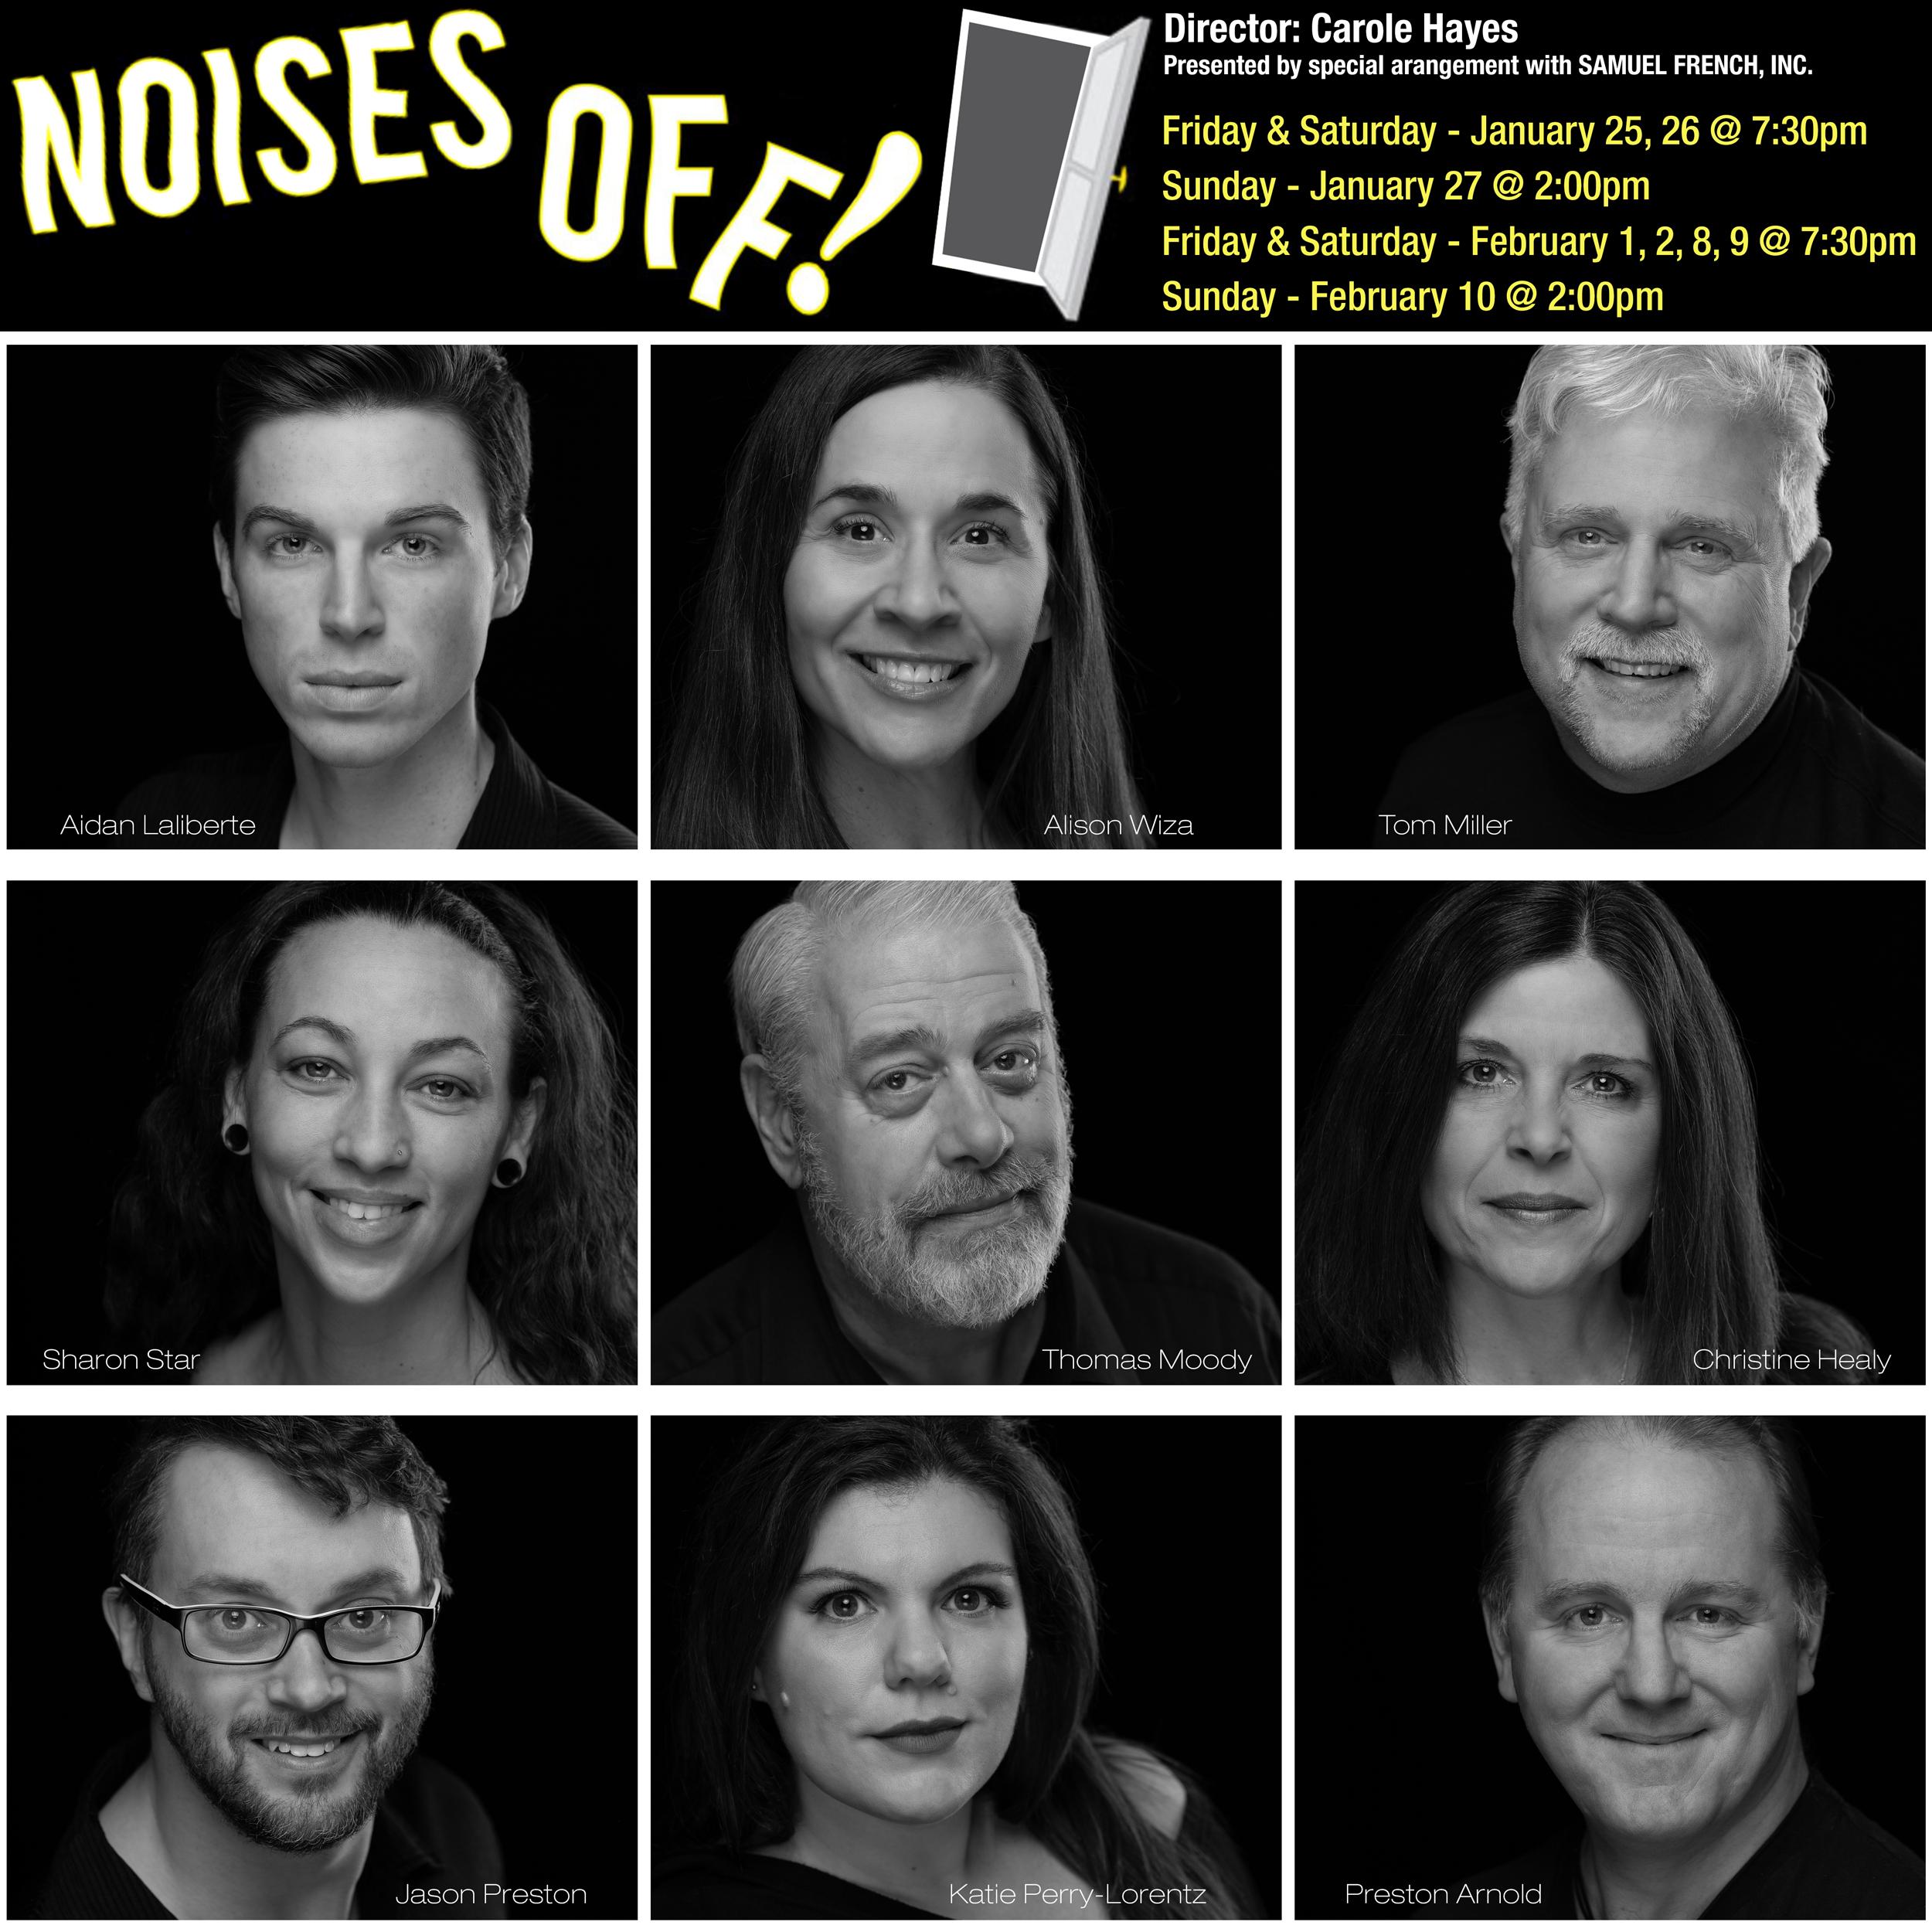 Cast of Noises OFF